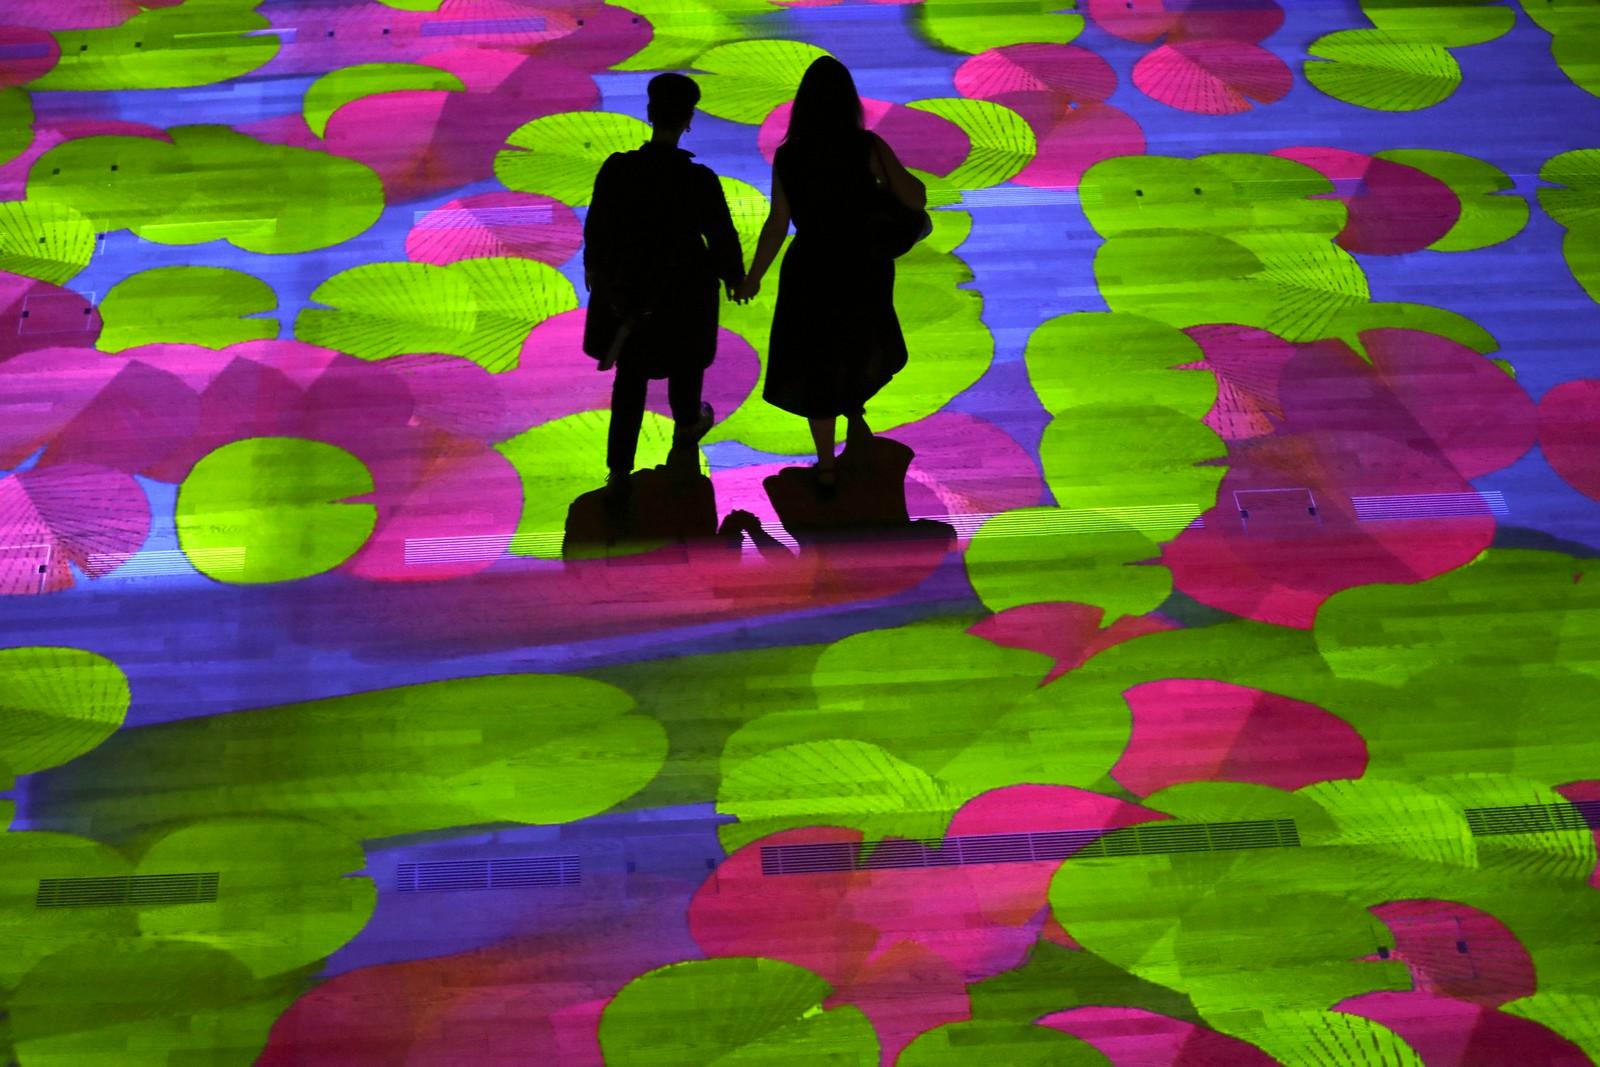 """Dette er fra den interaktive installasjonen """"Onda Pixel"""" til den franske kunstneren Miguel Chevalier under åpningen i Milano i Italia den 26. juli. Chevalier har vært en av de ledende digitale kunstnerne i verden siden 1978."""